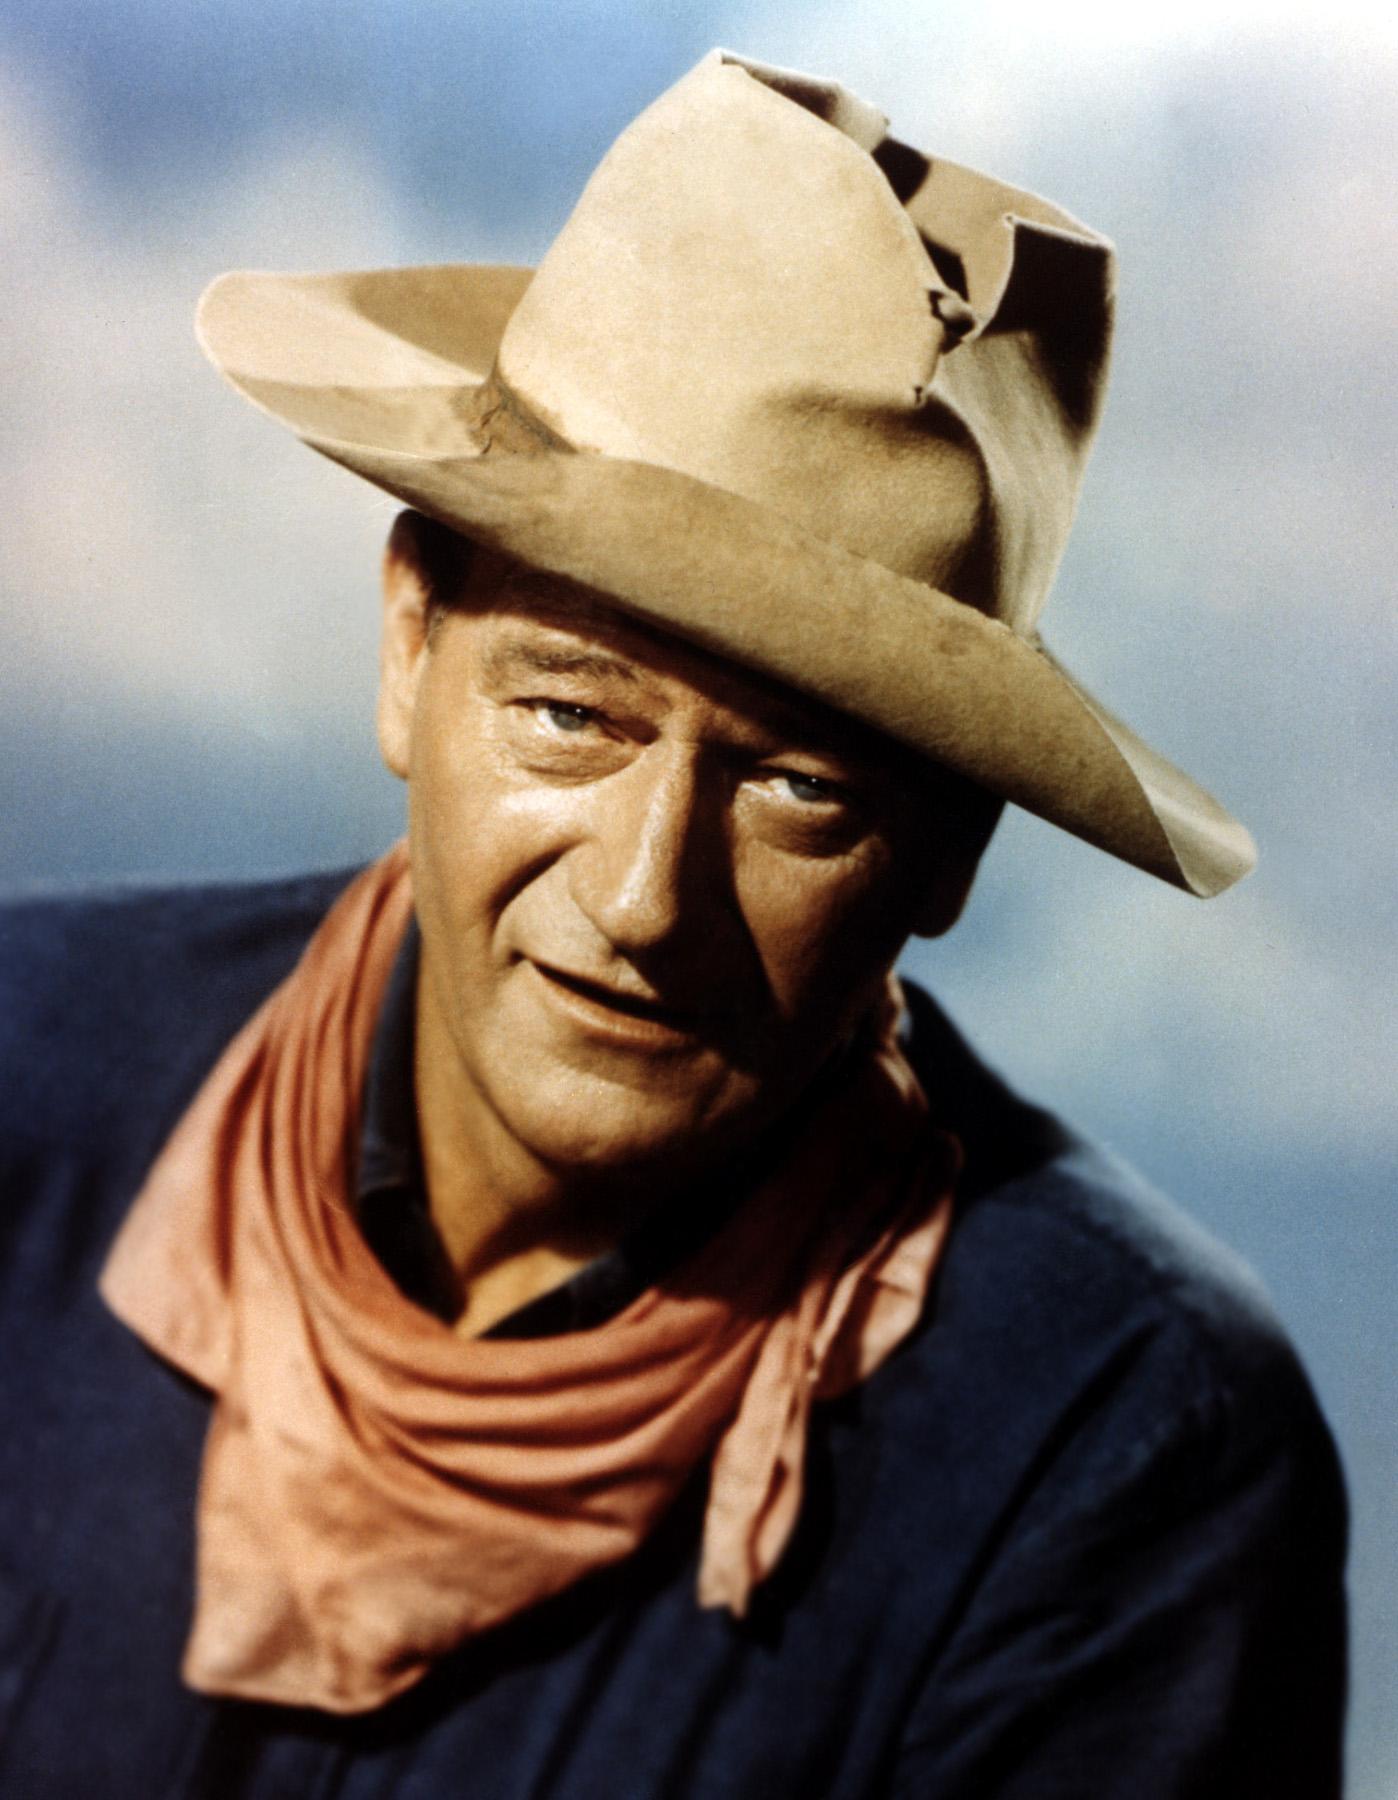 938002 John Wayne Wallpapers Celebrities Backgrounds 1398x1800